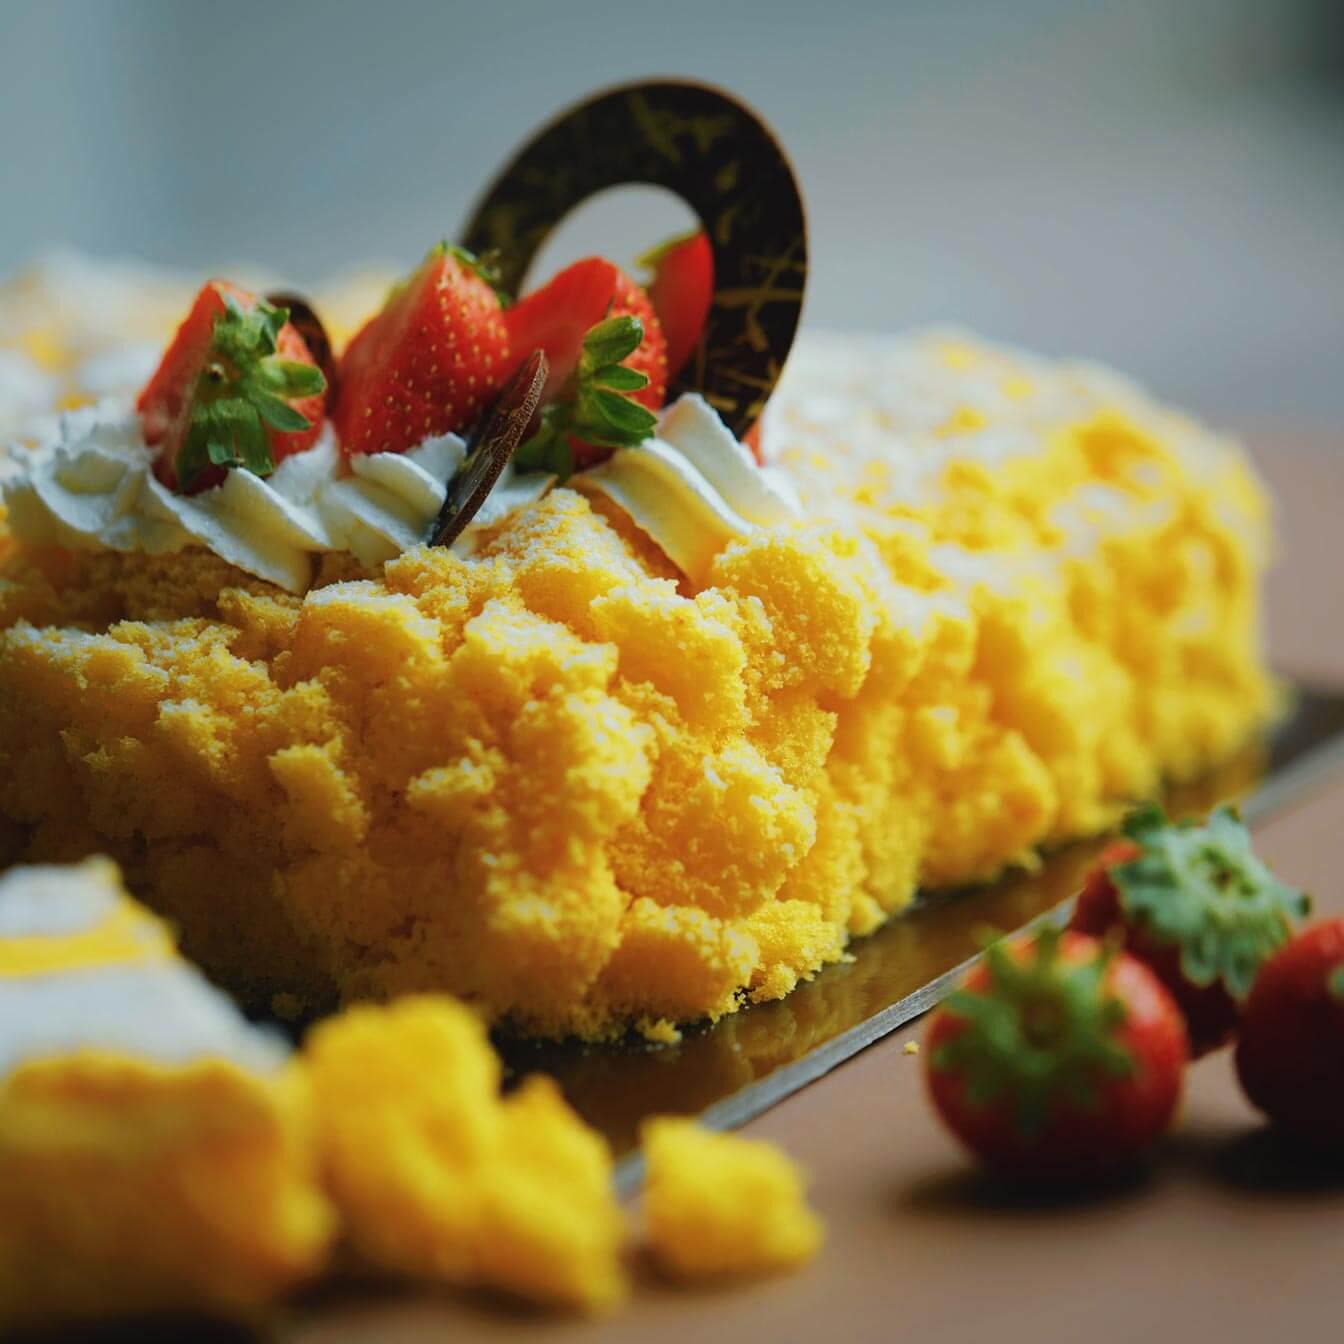 Il nome di questo dolce deriva proprio dal fatto che questa torta viene decorata con del Pan di Spagna sbriciolato Torta Mimosa con misure standard che vanno dai 600g (4/6 perosne) fino 1.5 Kg (10/12 persone). Opzione senza lattosio.